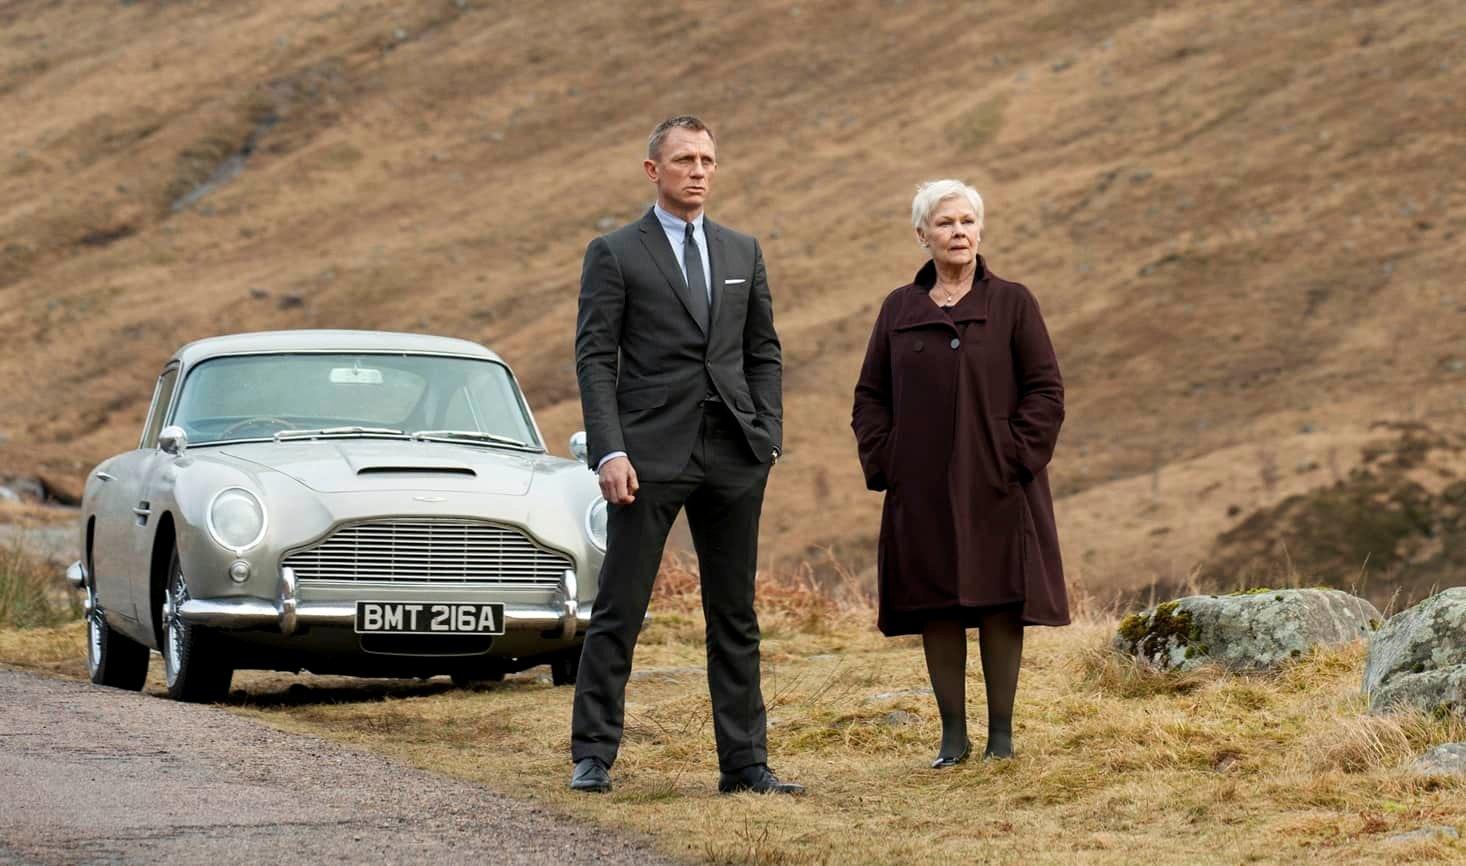 Daniel Craig et Judy Dench font face à une voiture dans le film Skyfall.